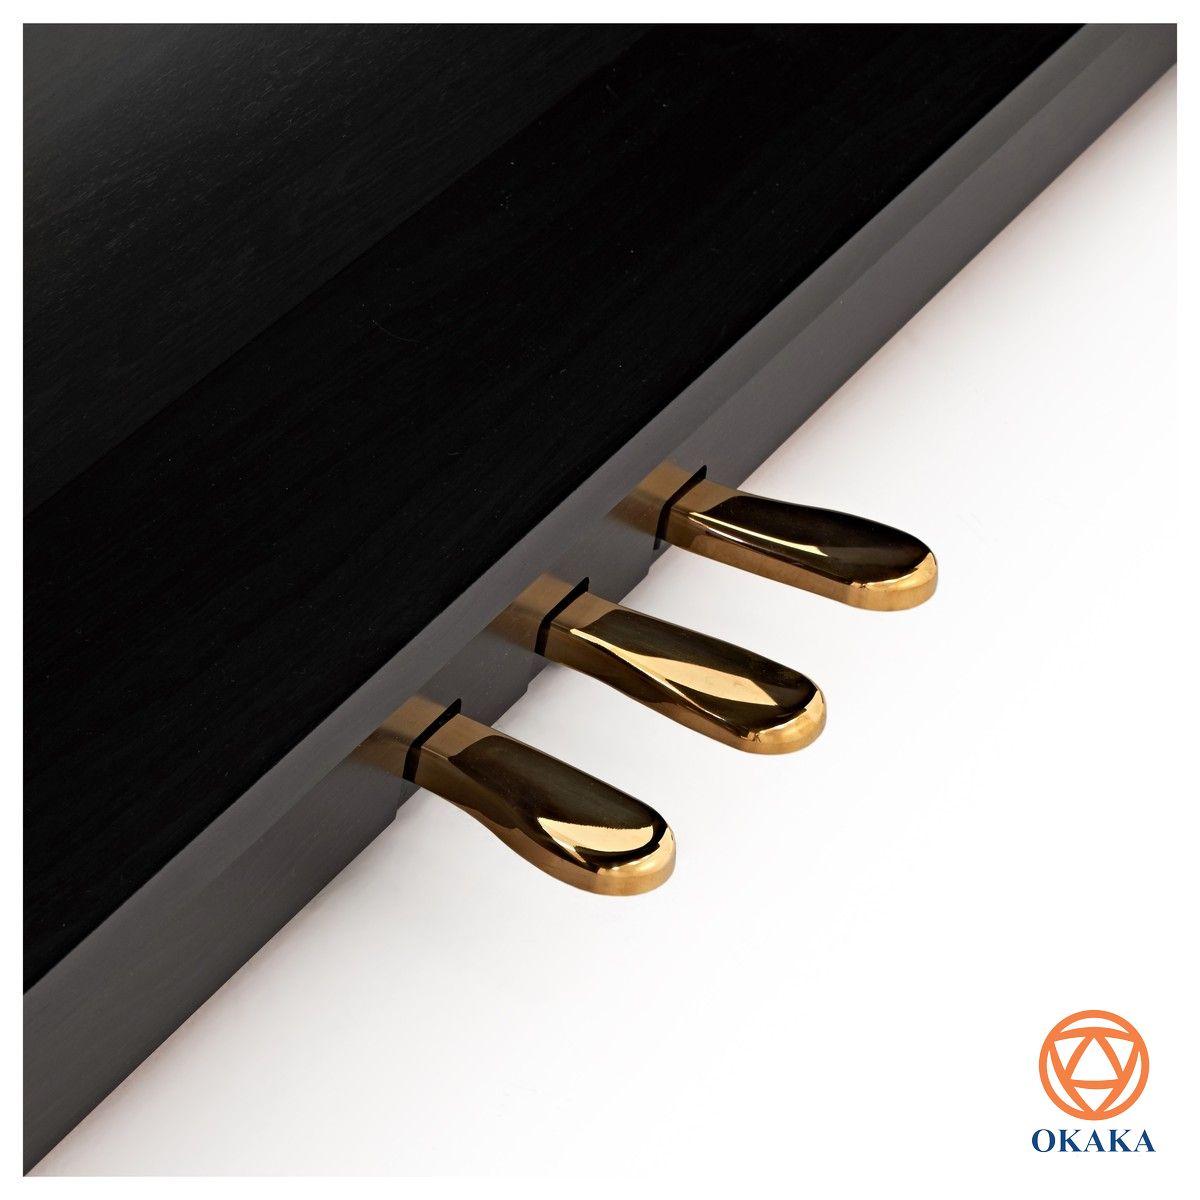 Là cây piano điện gia đình nhỏ gọn và giá cả phải chăng với các tính năng luyện tập có sẵn trên đàn và cổng kết nối Bluetooth®, không có gì khó hiểu khi đàn piano điện Roland RP-501R được nhiều khách hàng lựa chọn hiện nay.